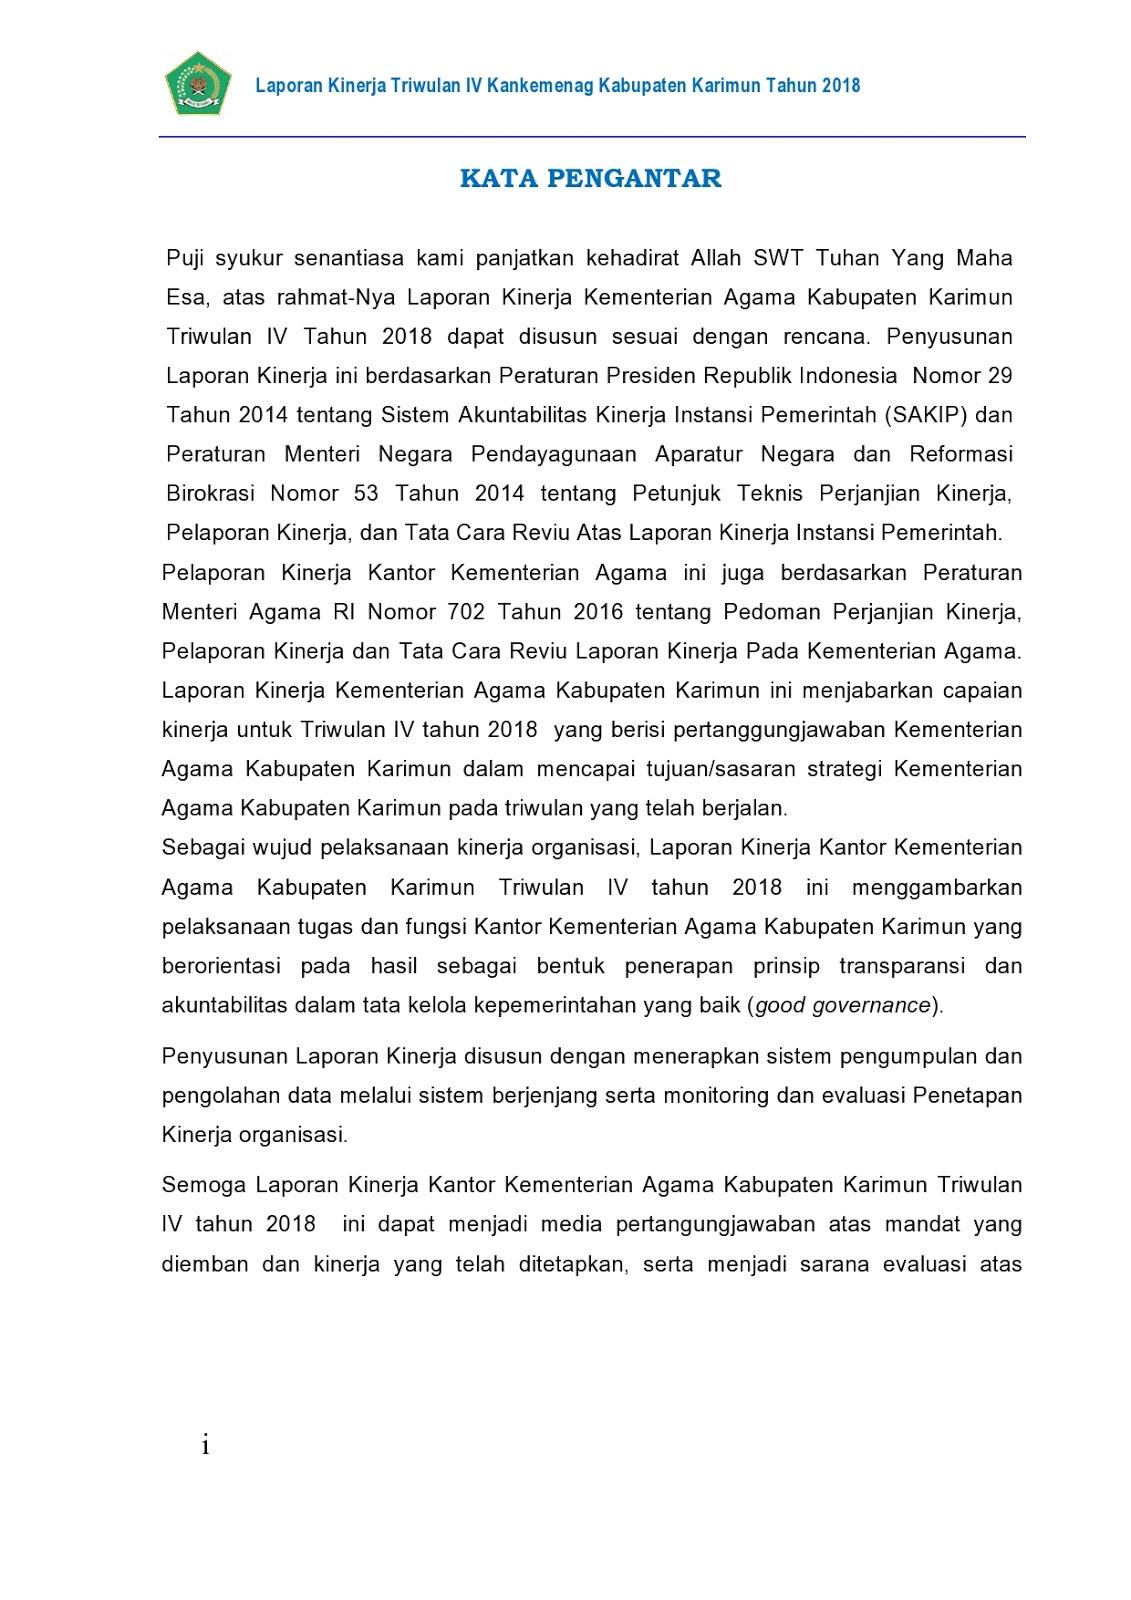 3 E Laporan Akuntabilitas Kinerja Kantor Kemenag Kabupaten Karimun Tahun 2016 Dan 2017